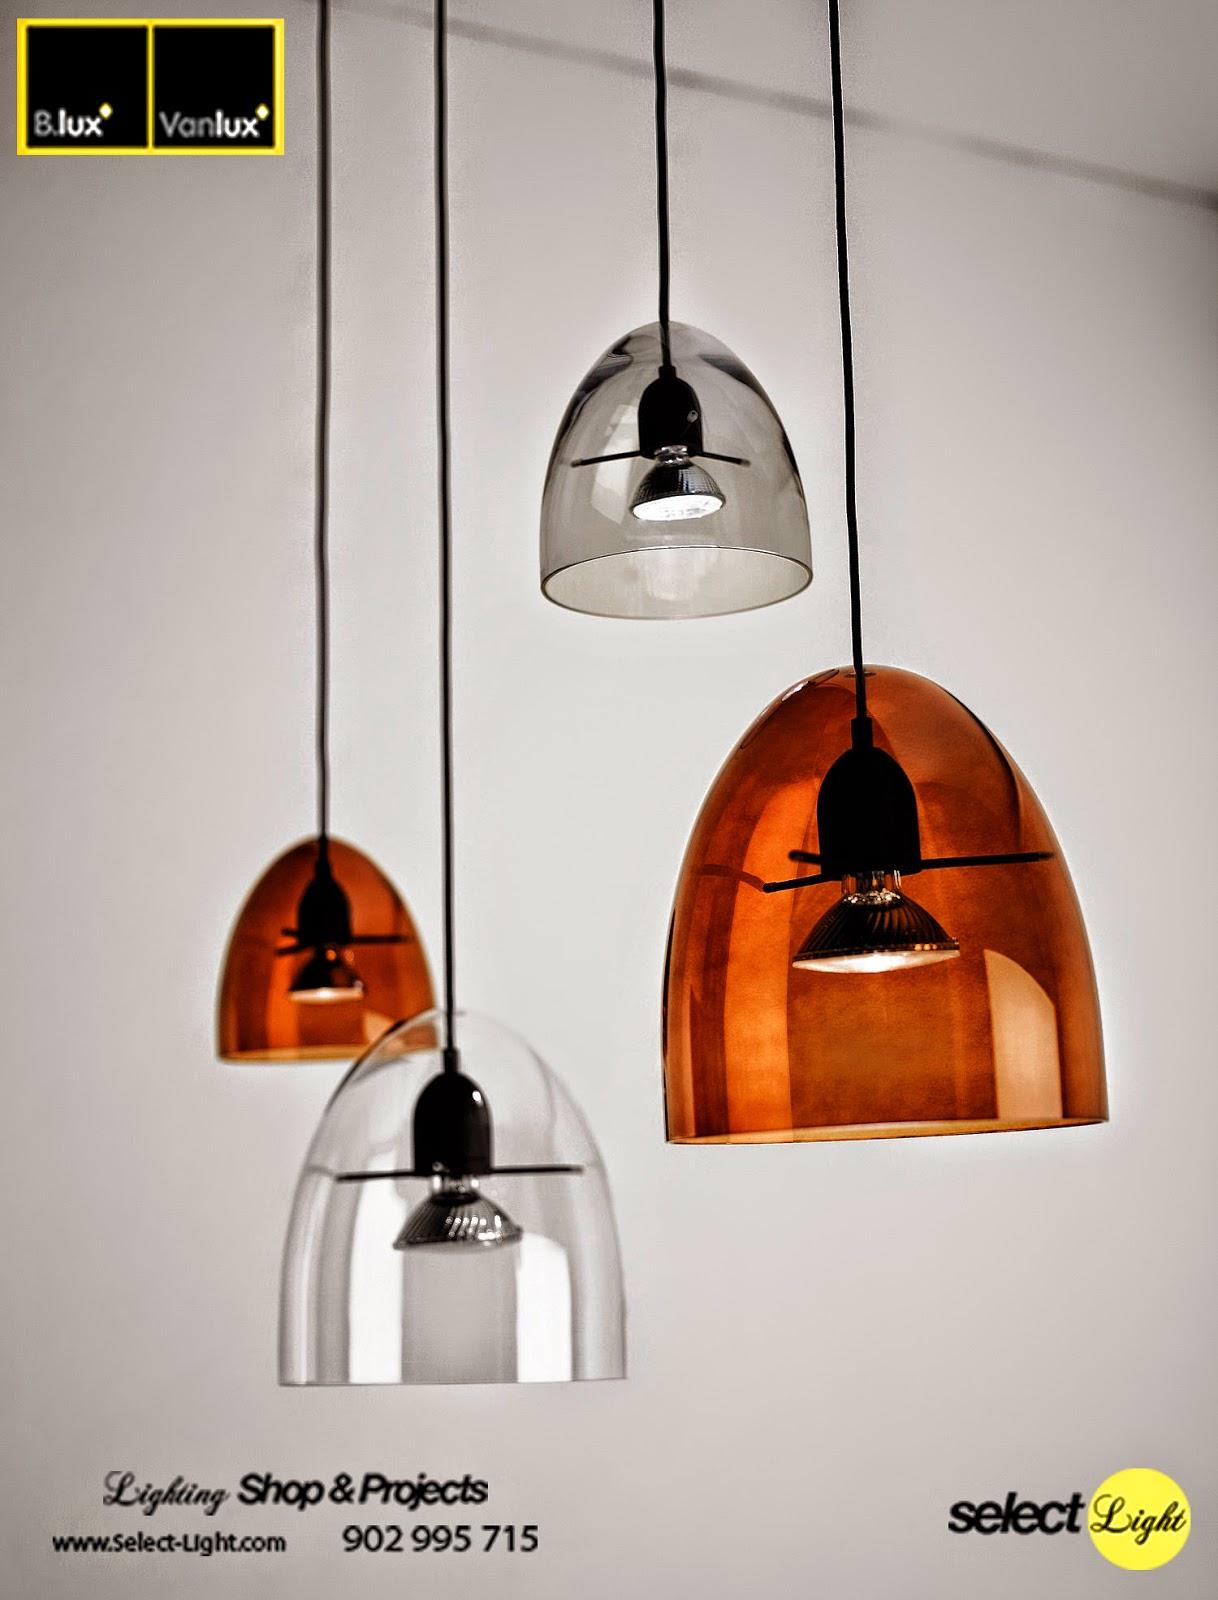 Comprar lampara centra B-lux